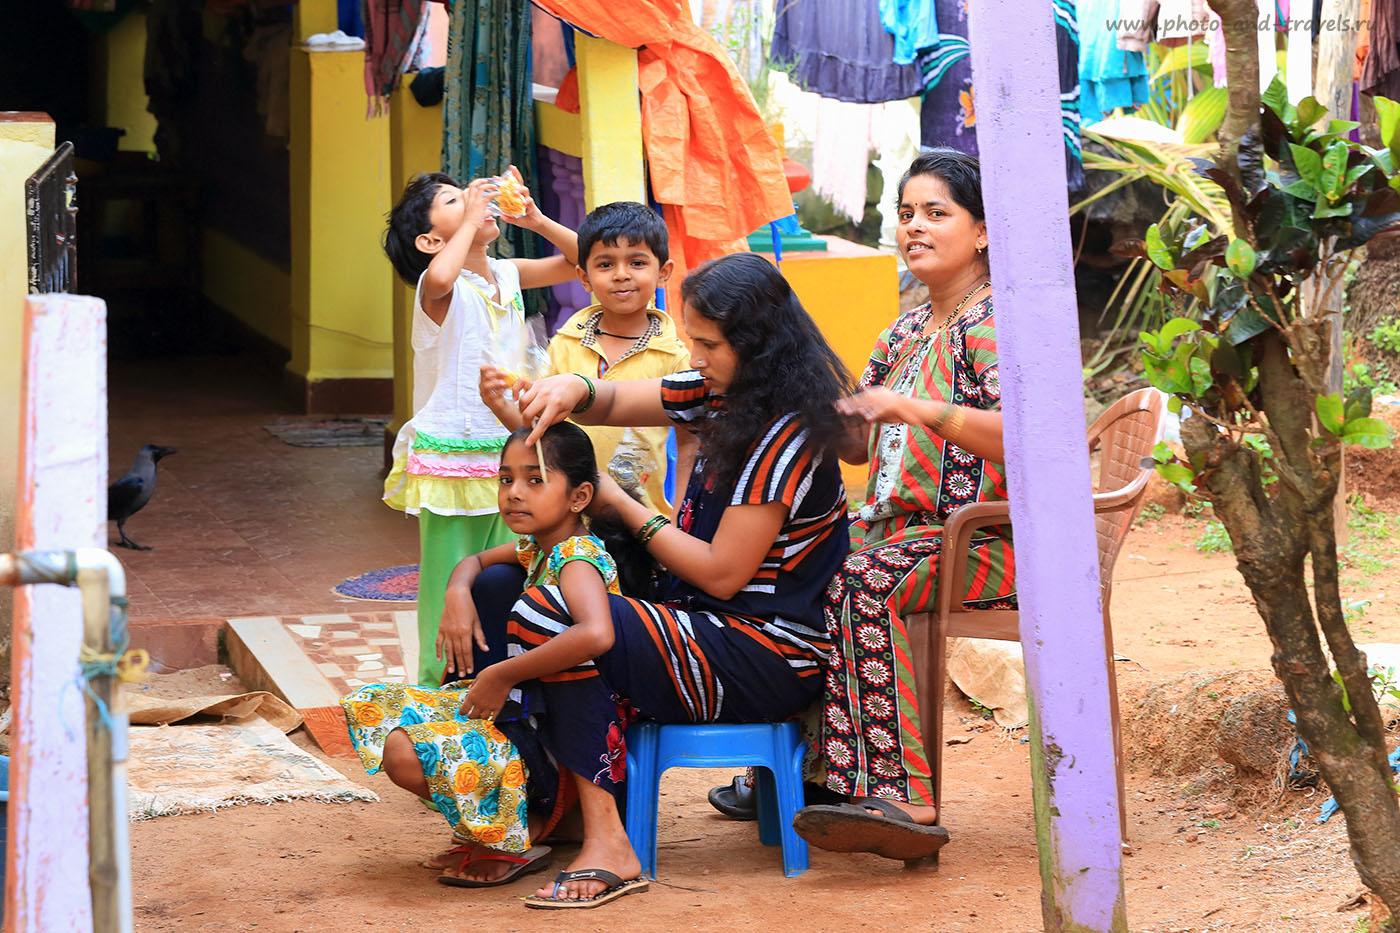 Фотография 11. Вечерний туалет в индийской деревне на Южном Гоа. Отзывы туристов об отдыхе в Индии (70-200, 1/25, 0eV, f9/, 121mm, ISO 640)